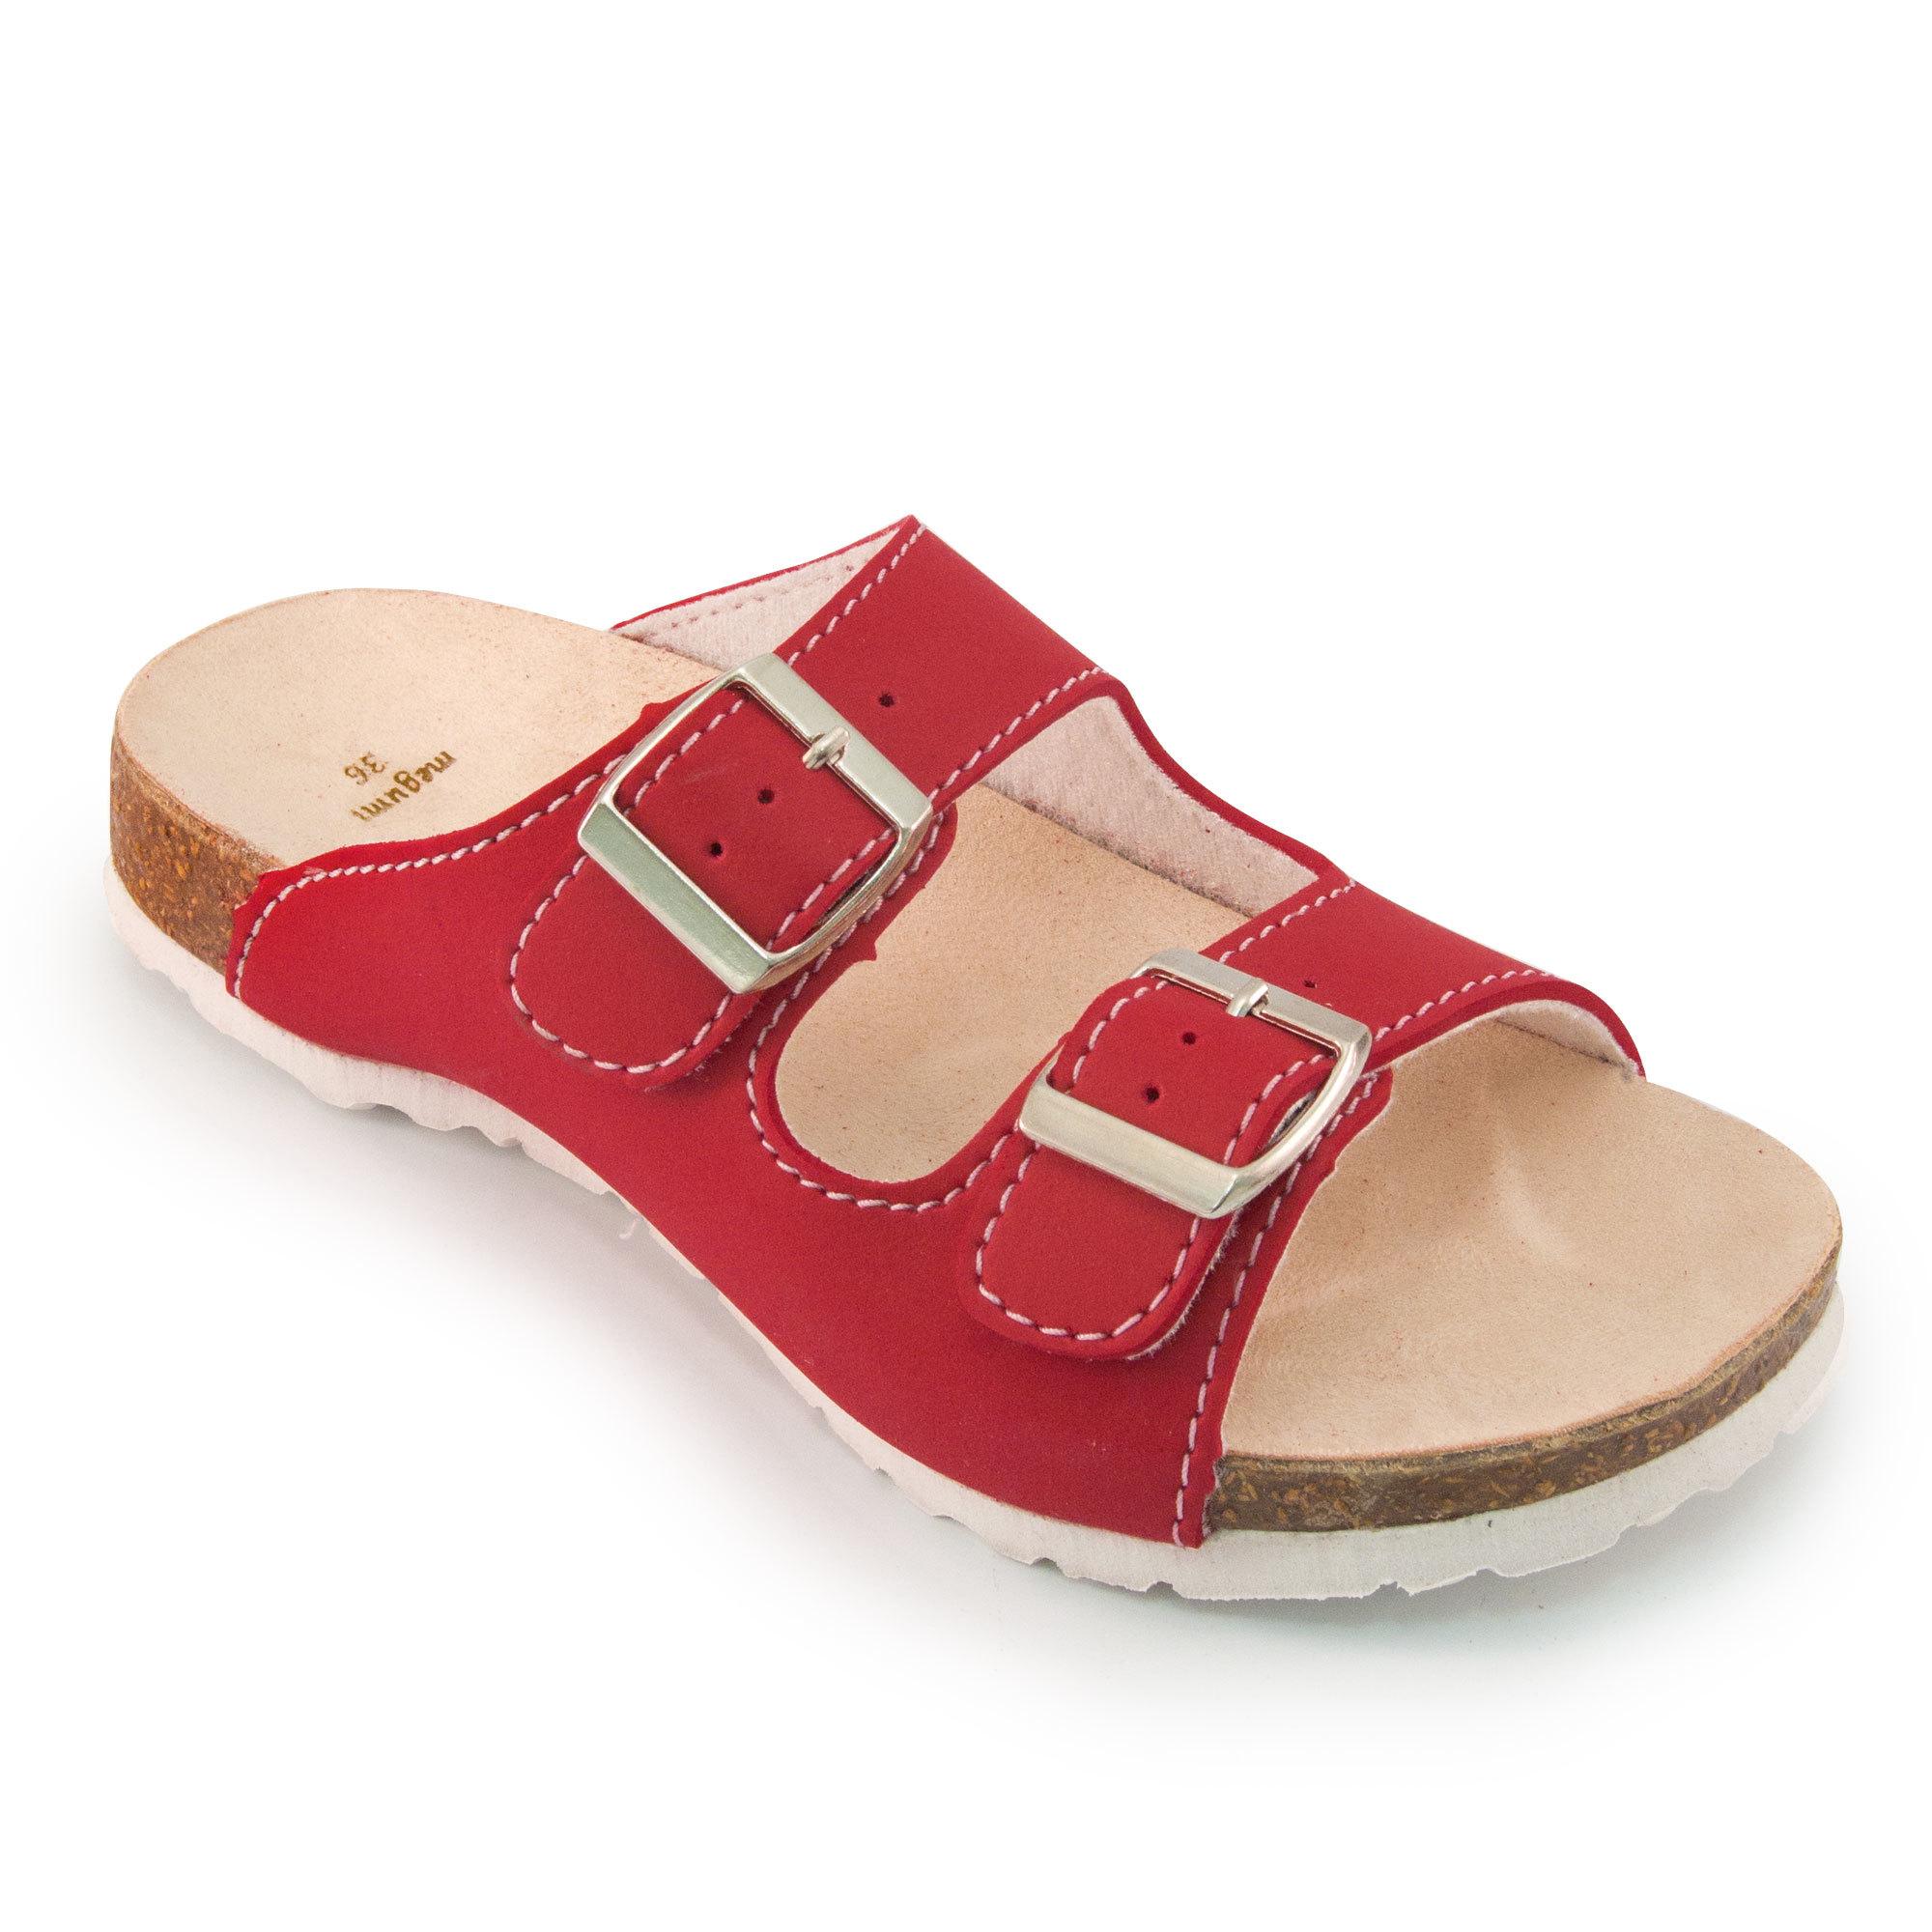 Katalog Megumi Sandal Wanita Yorkshire Red Megumi Sandal Terbaru